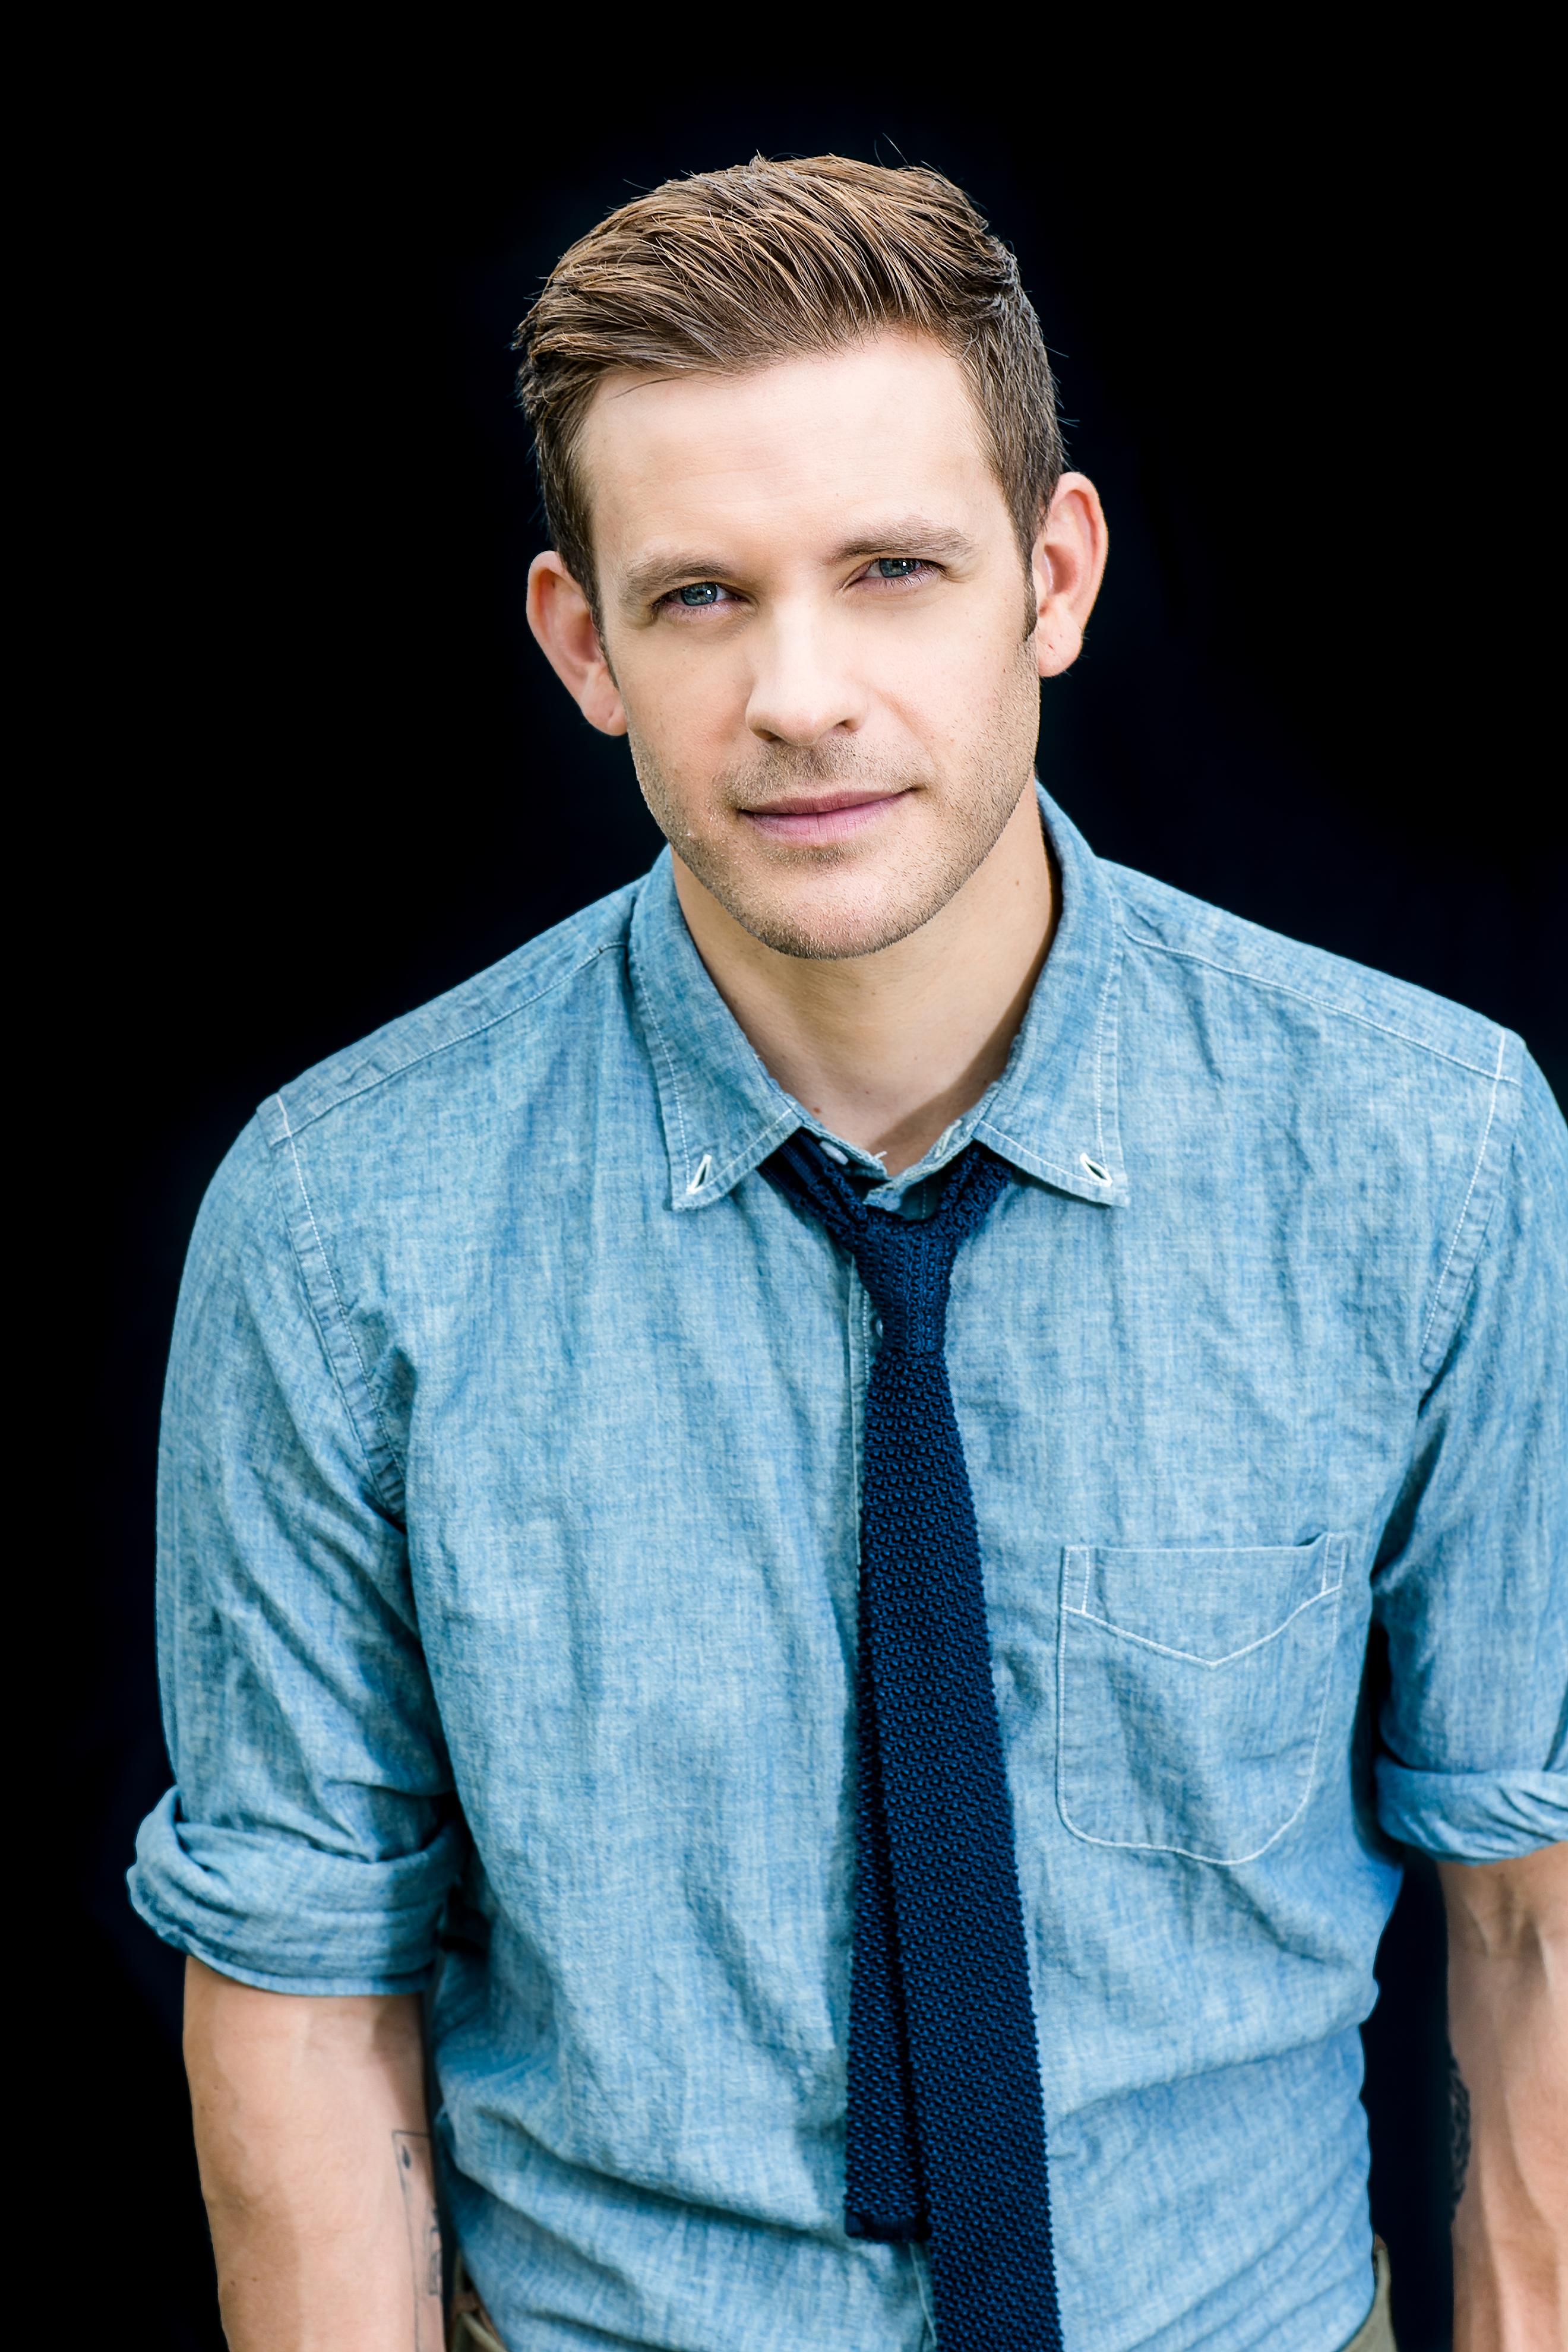 bryce johnson imdb